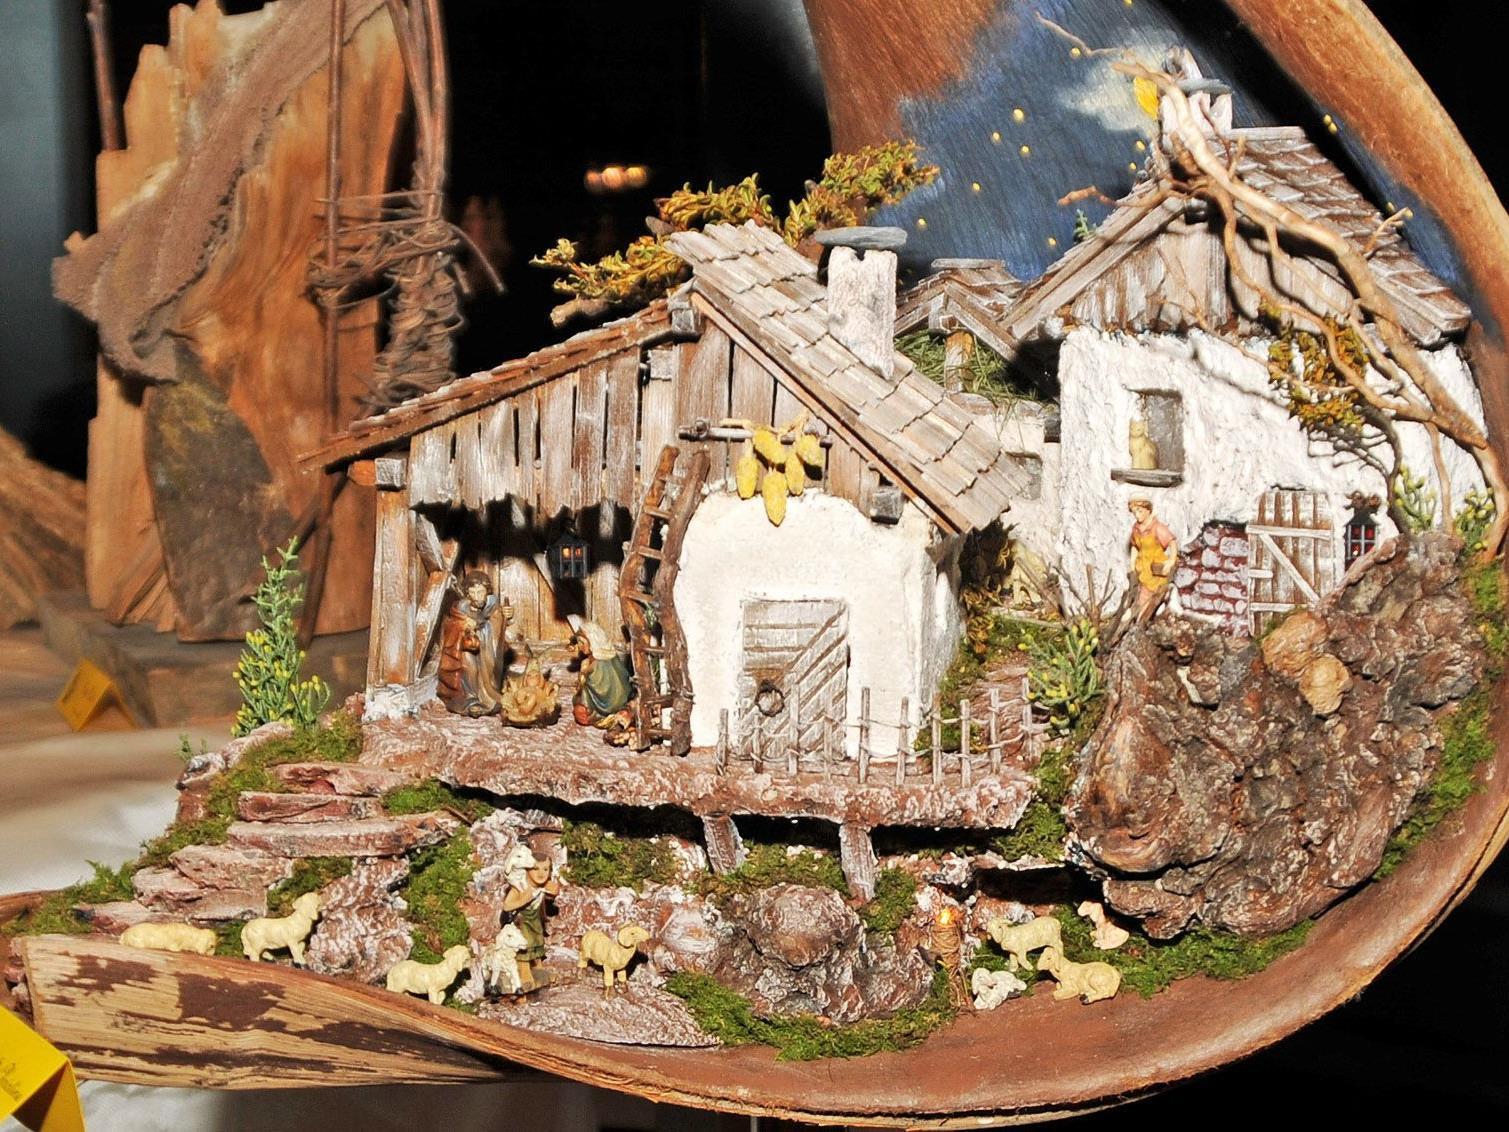 Ein Krippendorf in ein Palmblatt geschmiegt, ein Werk von Berghild Kreidl in Höchst